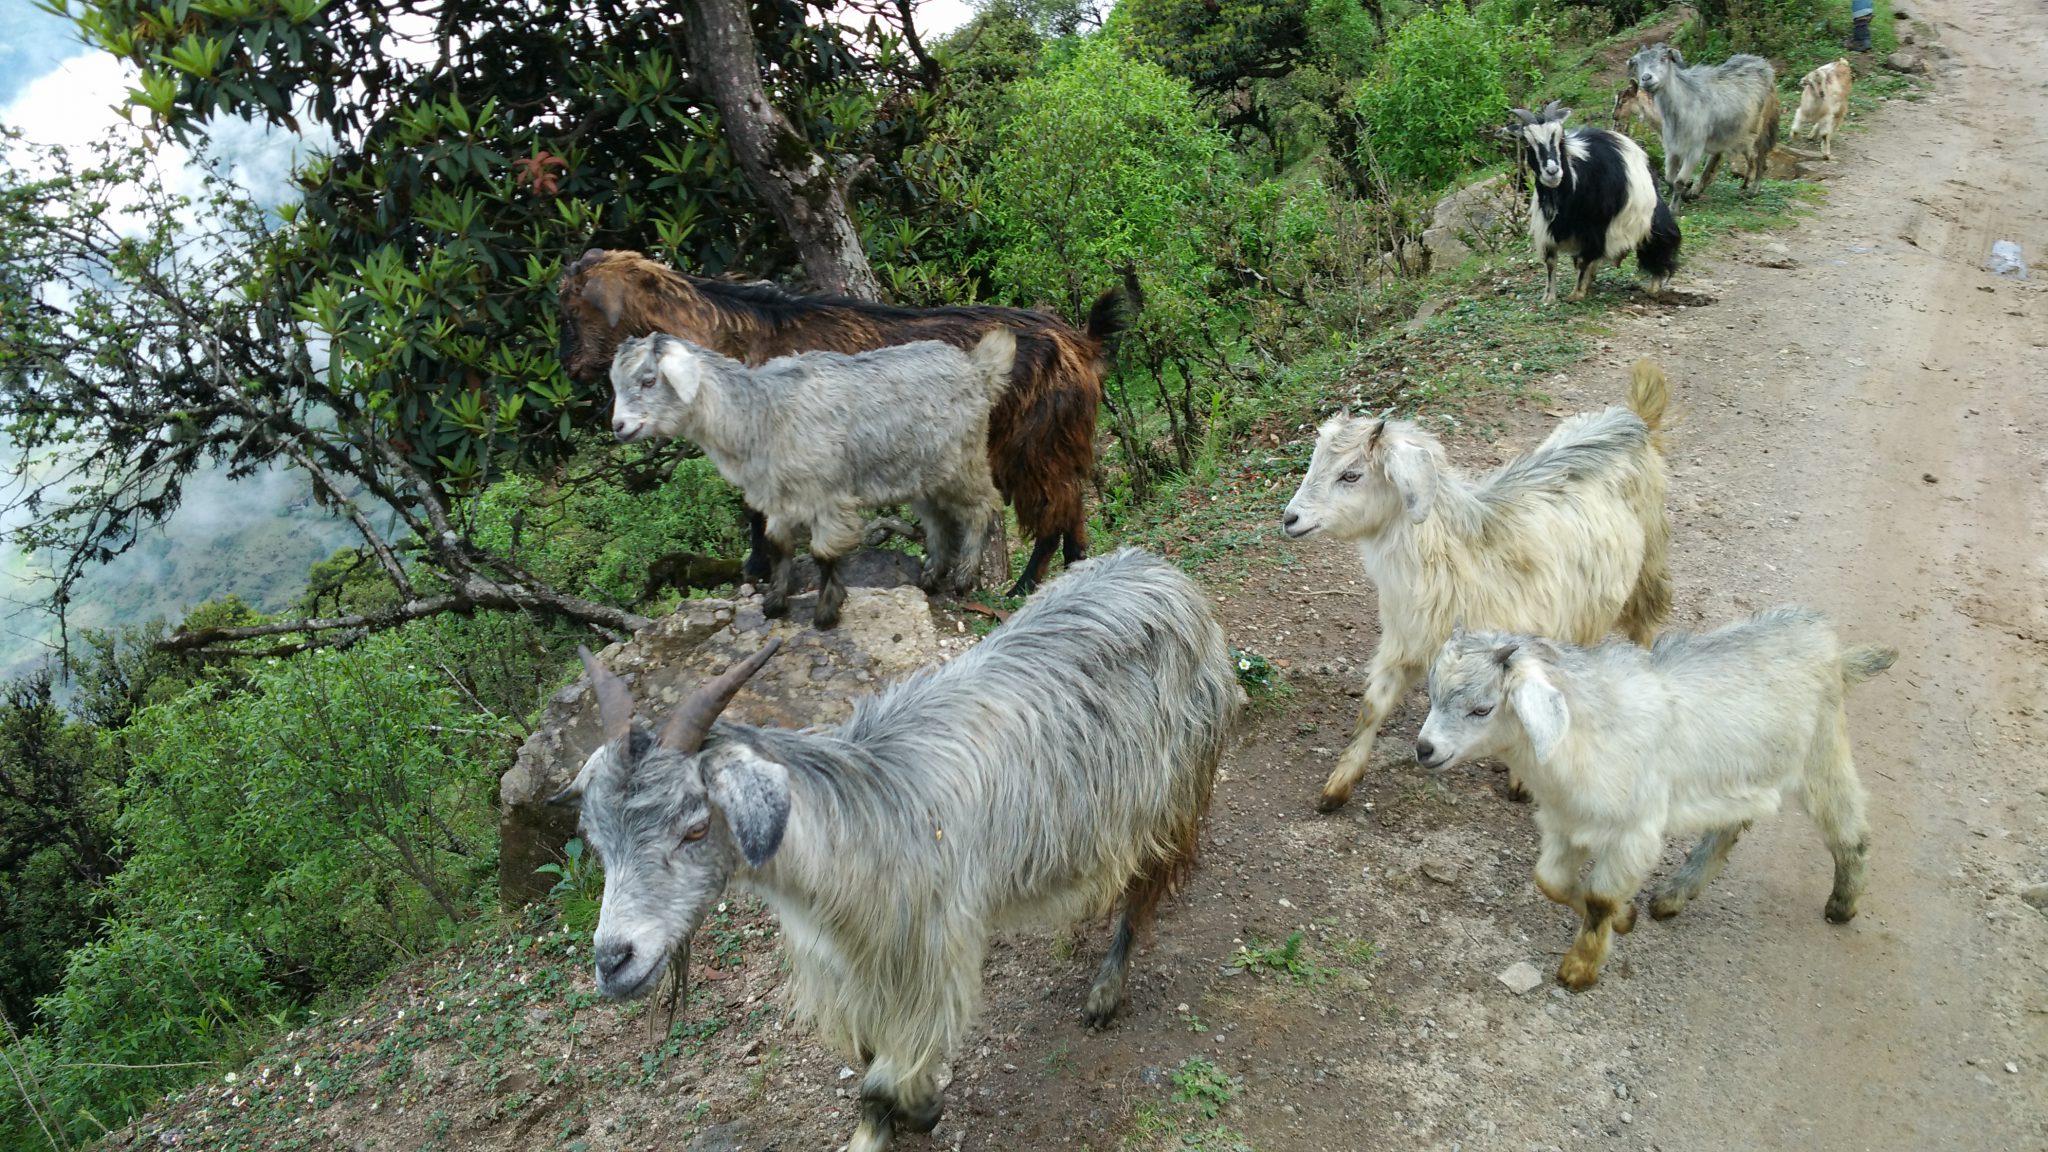 furry goat farming india